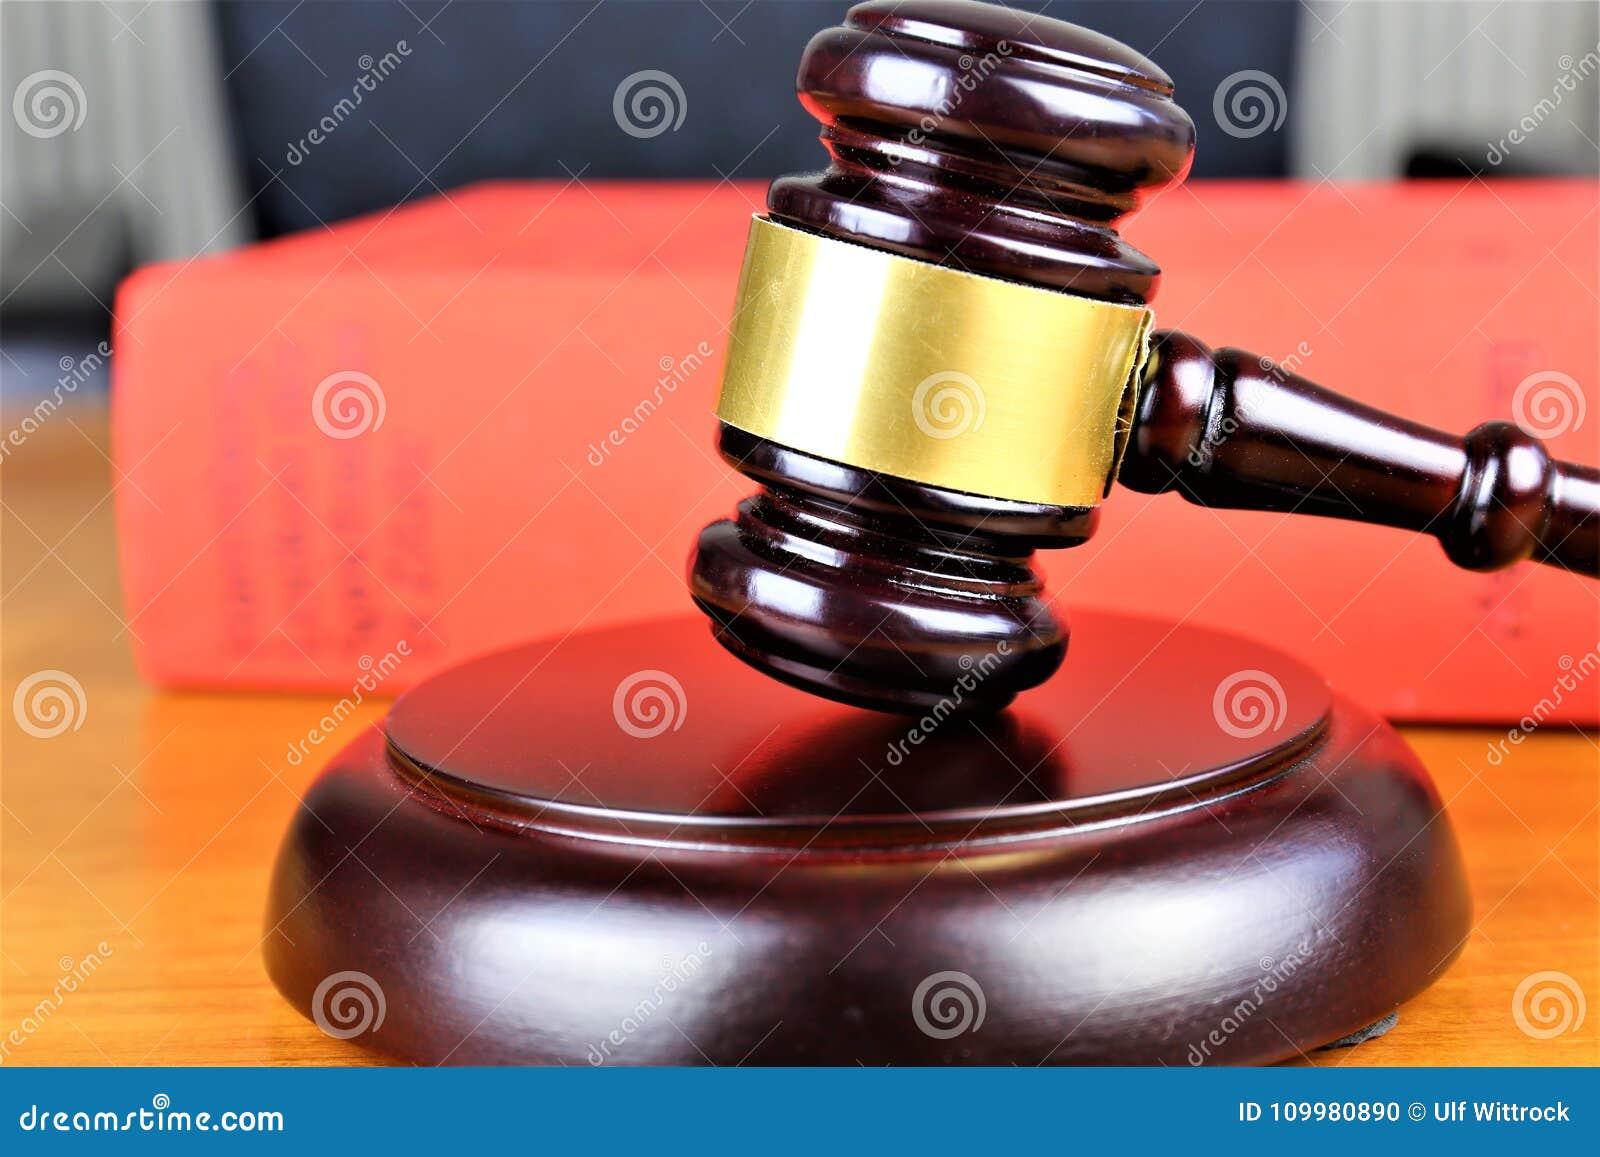 Ein Konzept Bild eines Richterhammers, Gerechtigkeit, Gericht